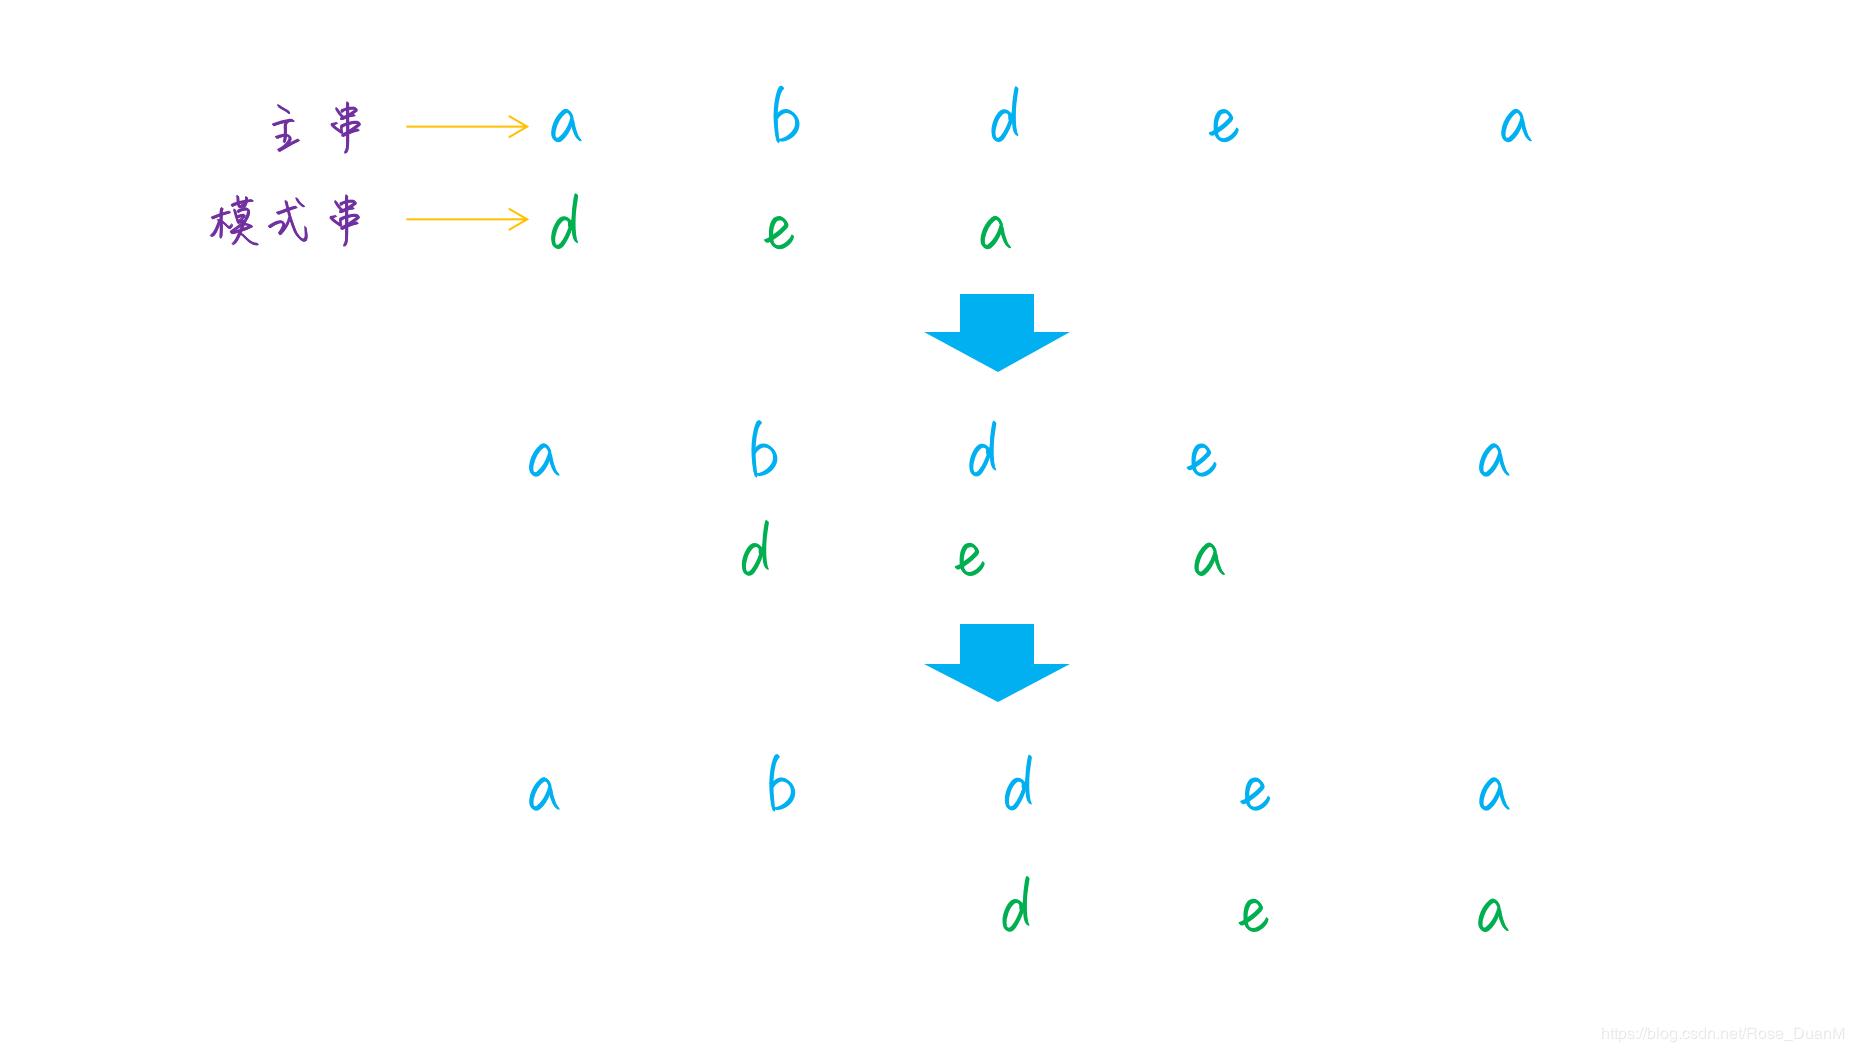 字符串匹配之 BM 算法